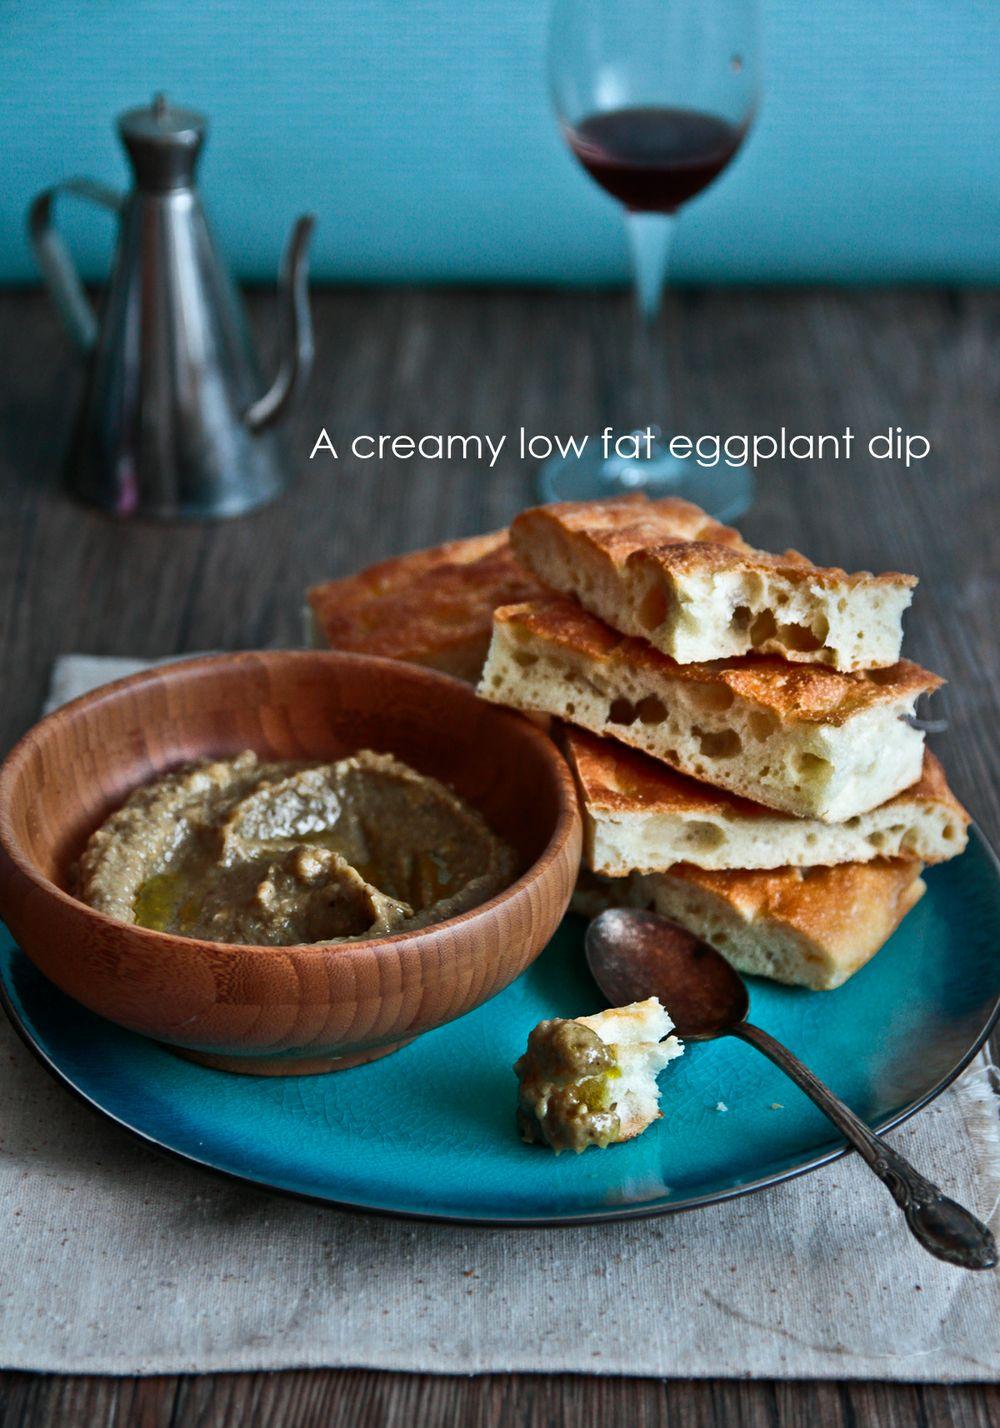 n-egggplant-dip-3-3